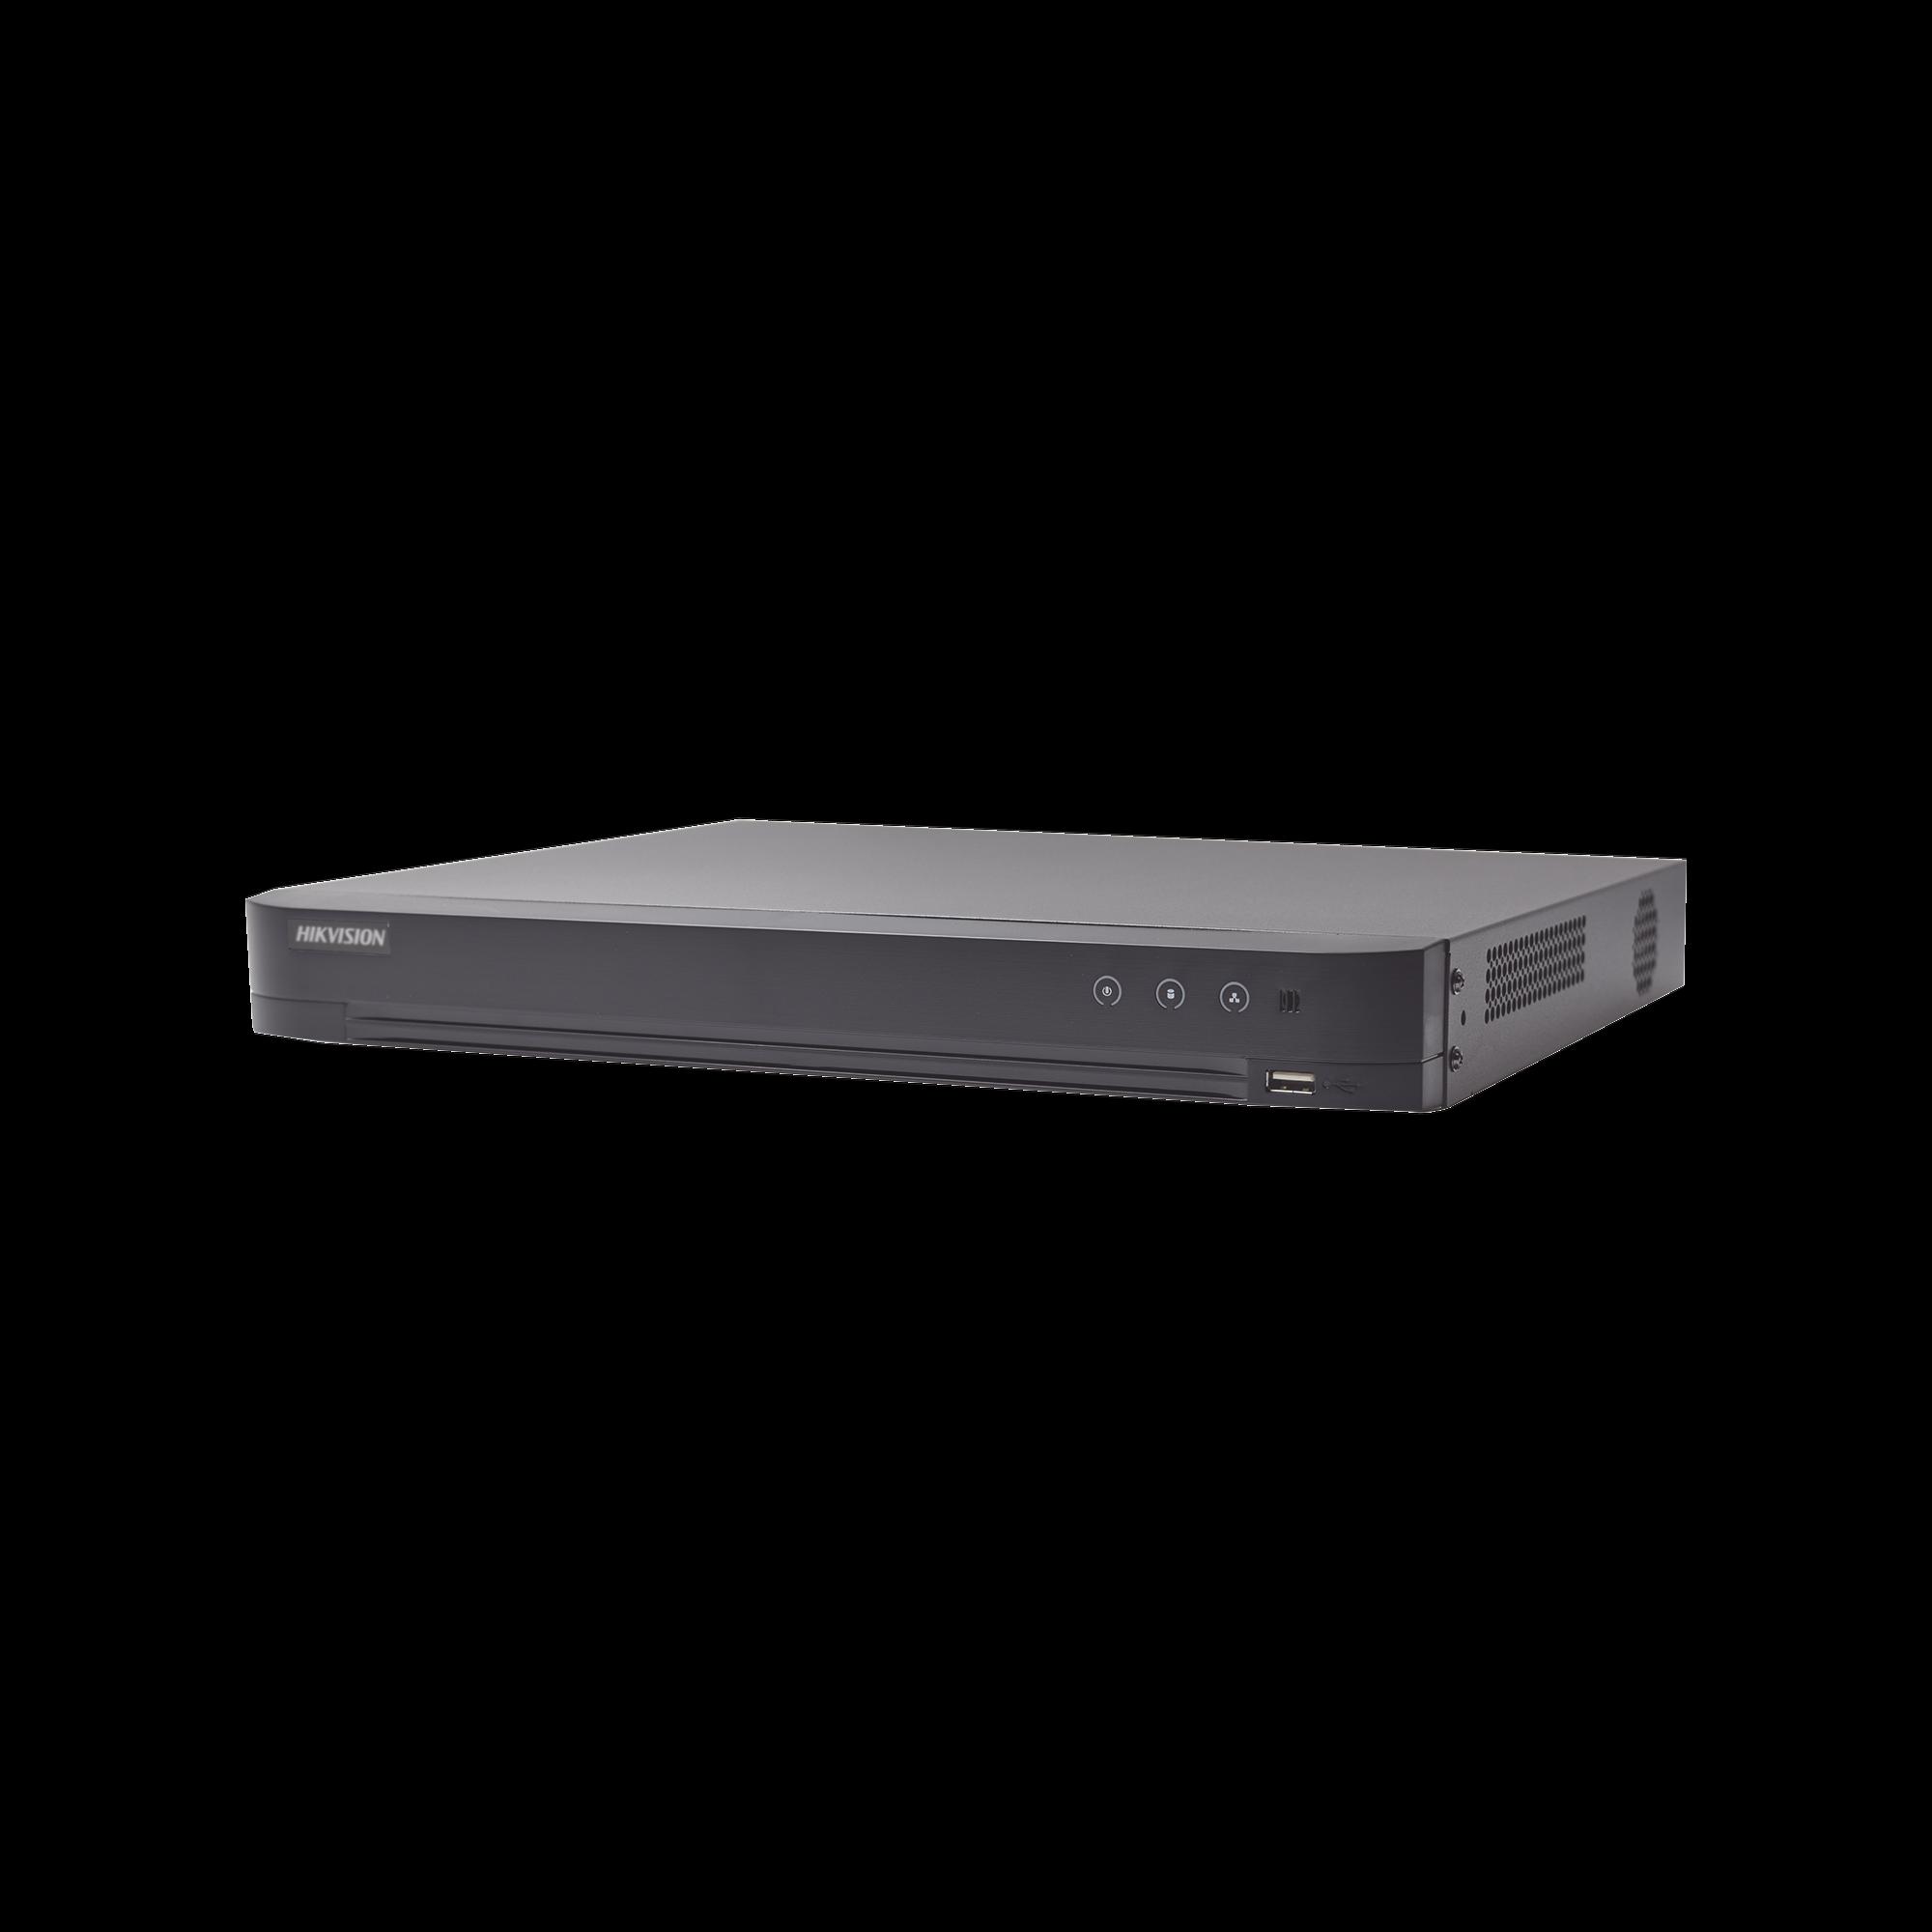 (ACUSENSE / Evita Falsas Alarmas) DVR 8 Megapixel / 8 Canales TURBOHD + 8 Canales IP / 1 Bahía de Disco Duro / Audio por Coaxitron / 8 Entradas de Alarma / 4 Salida de Alarma / Detección de Rostros / H.265+